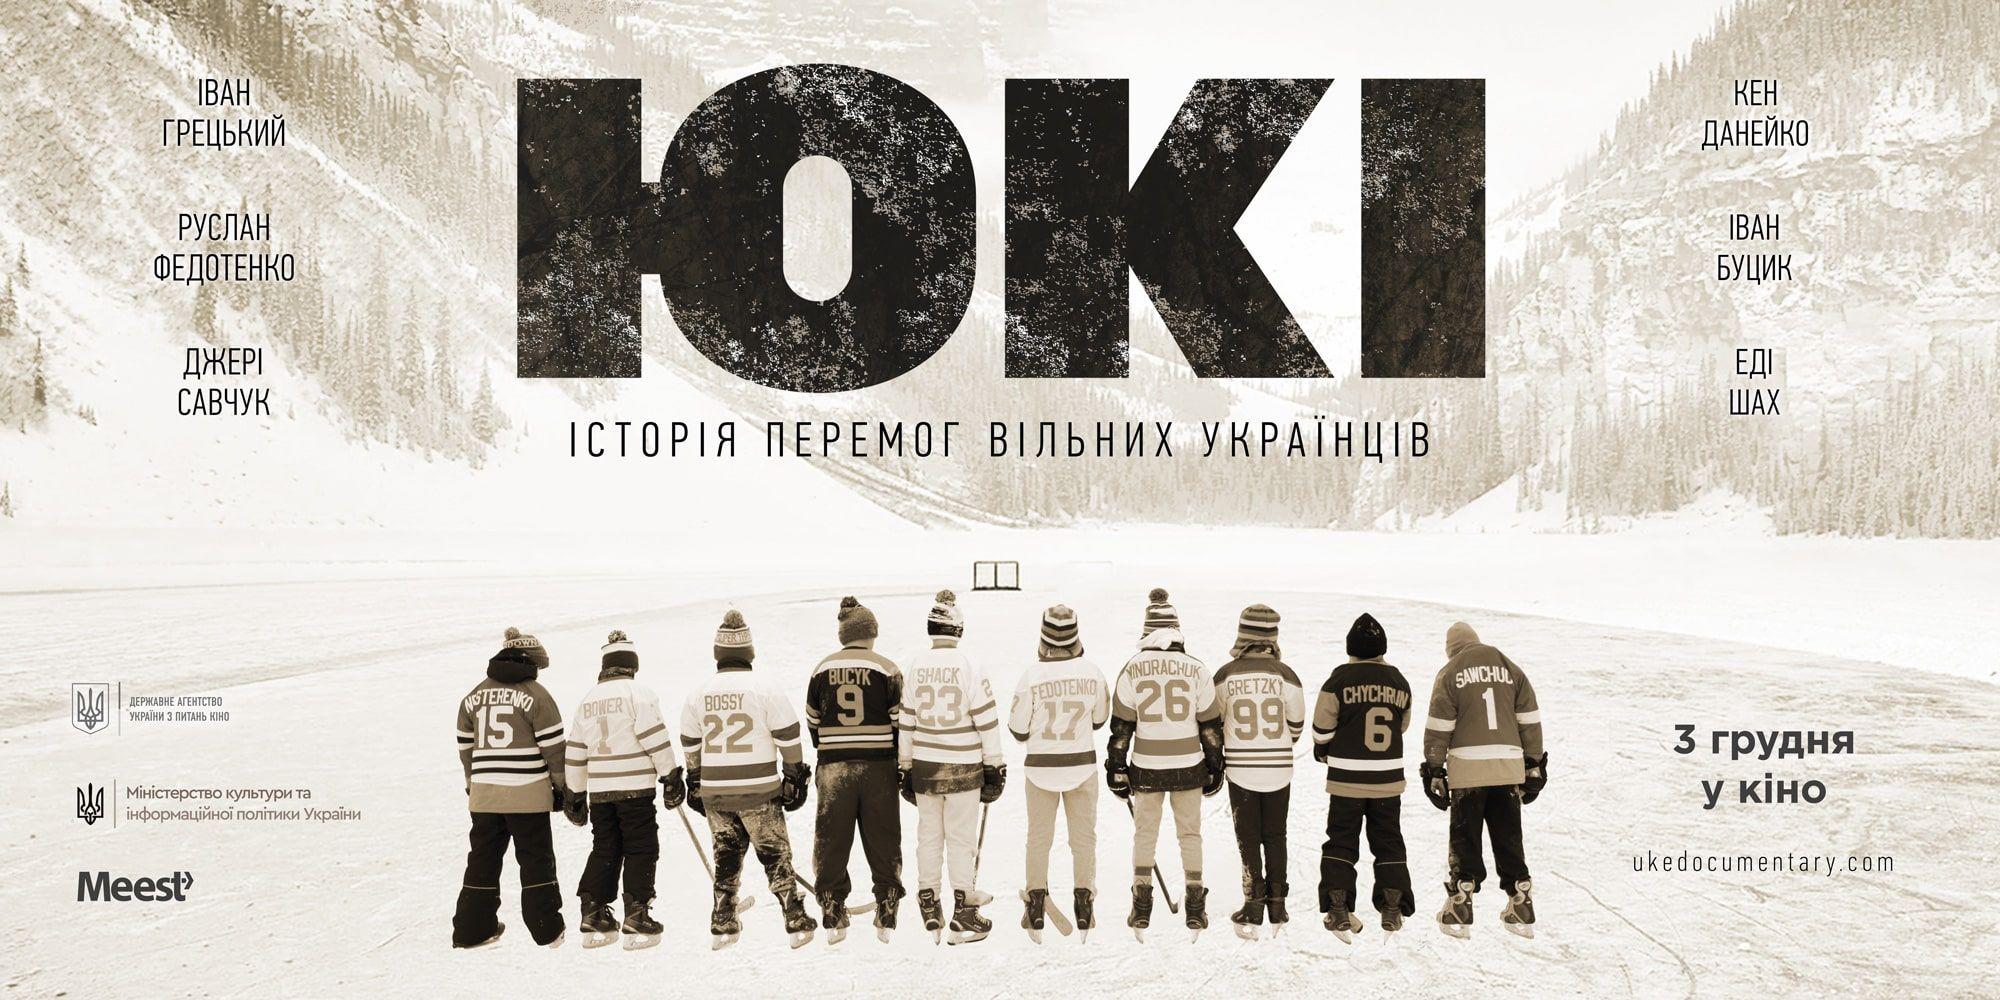 Оголошено дату виходу у прокат документальної стрічки про українських зірок NHL